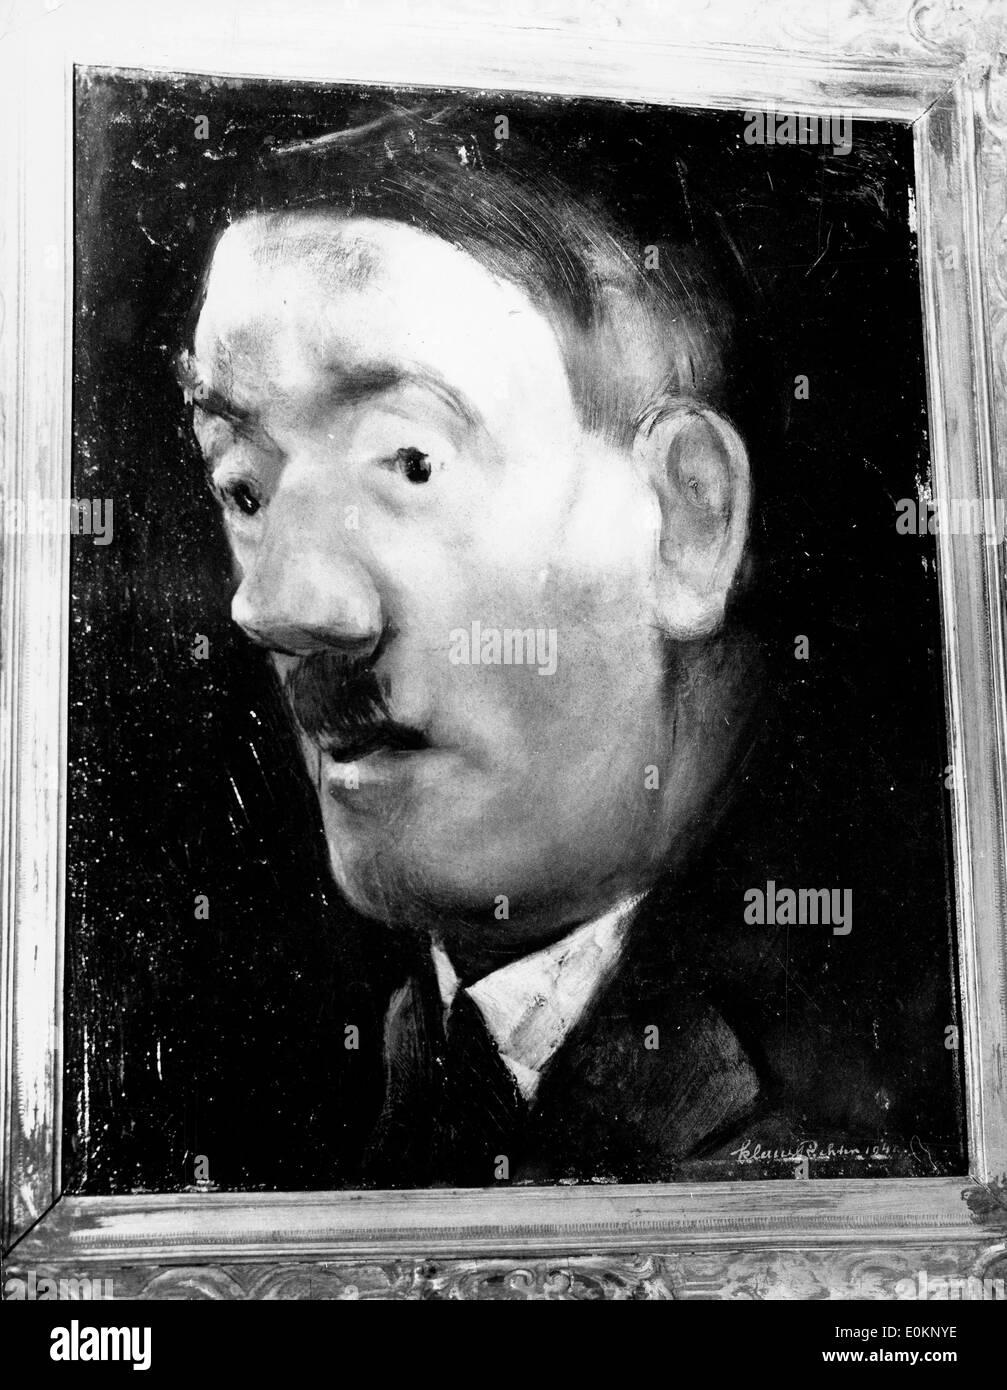 Dipinto ad Olio di Adolf Hitler Immagini Stock